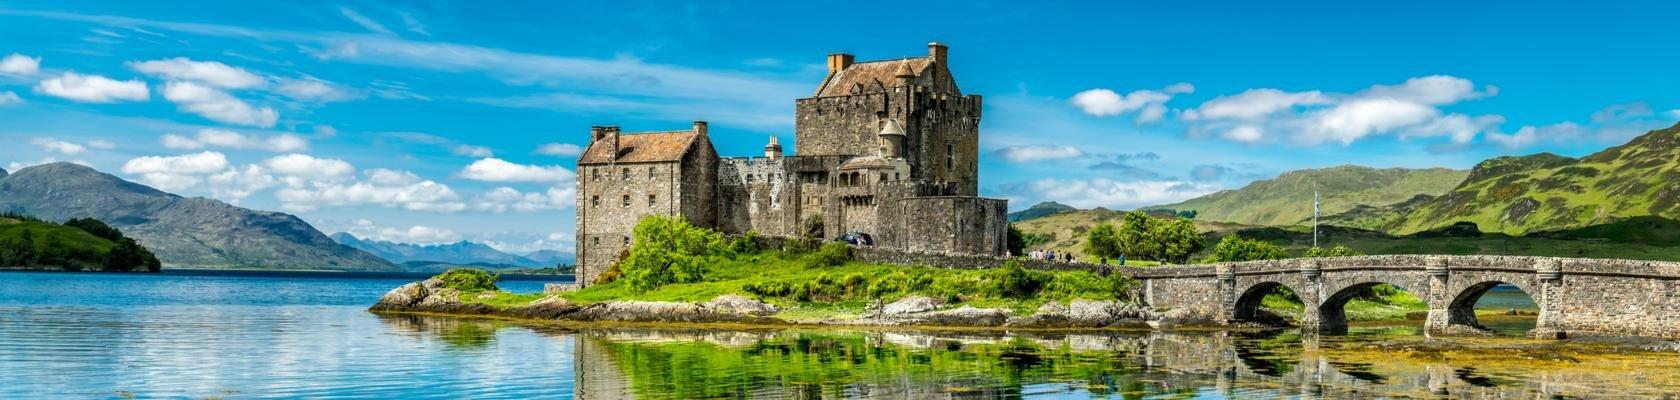 Eilean Donan Castle, Dornie